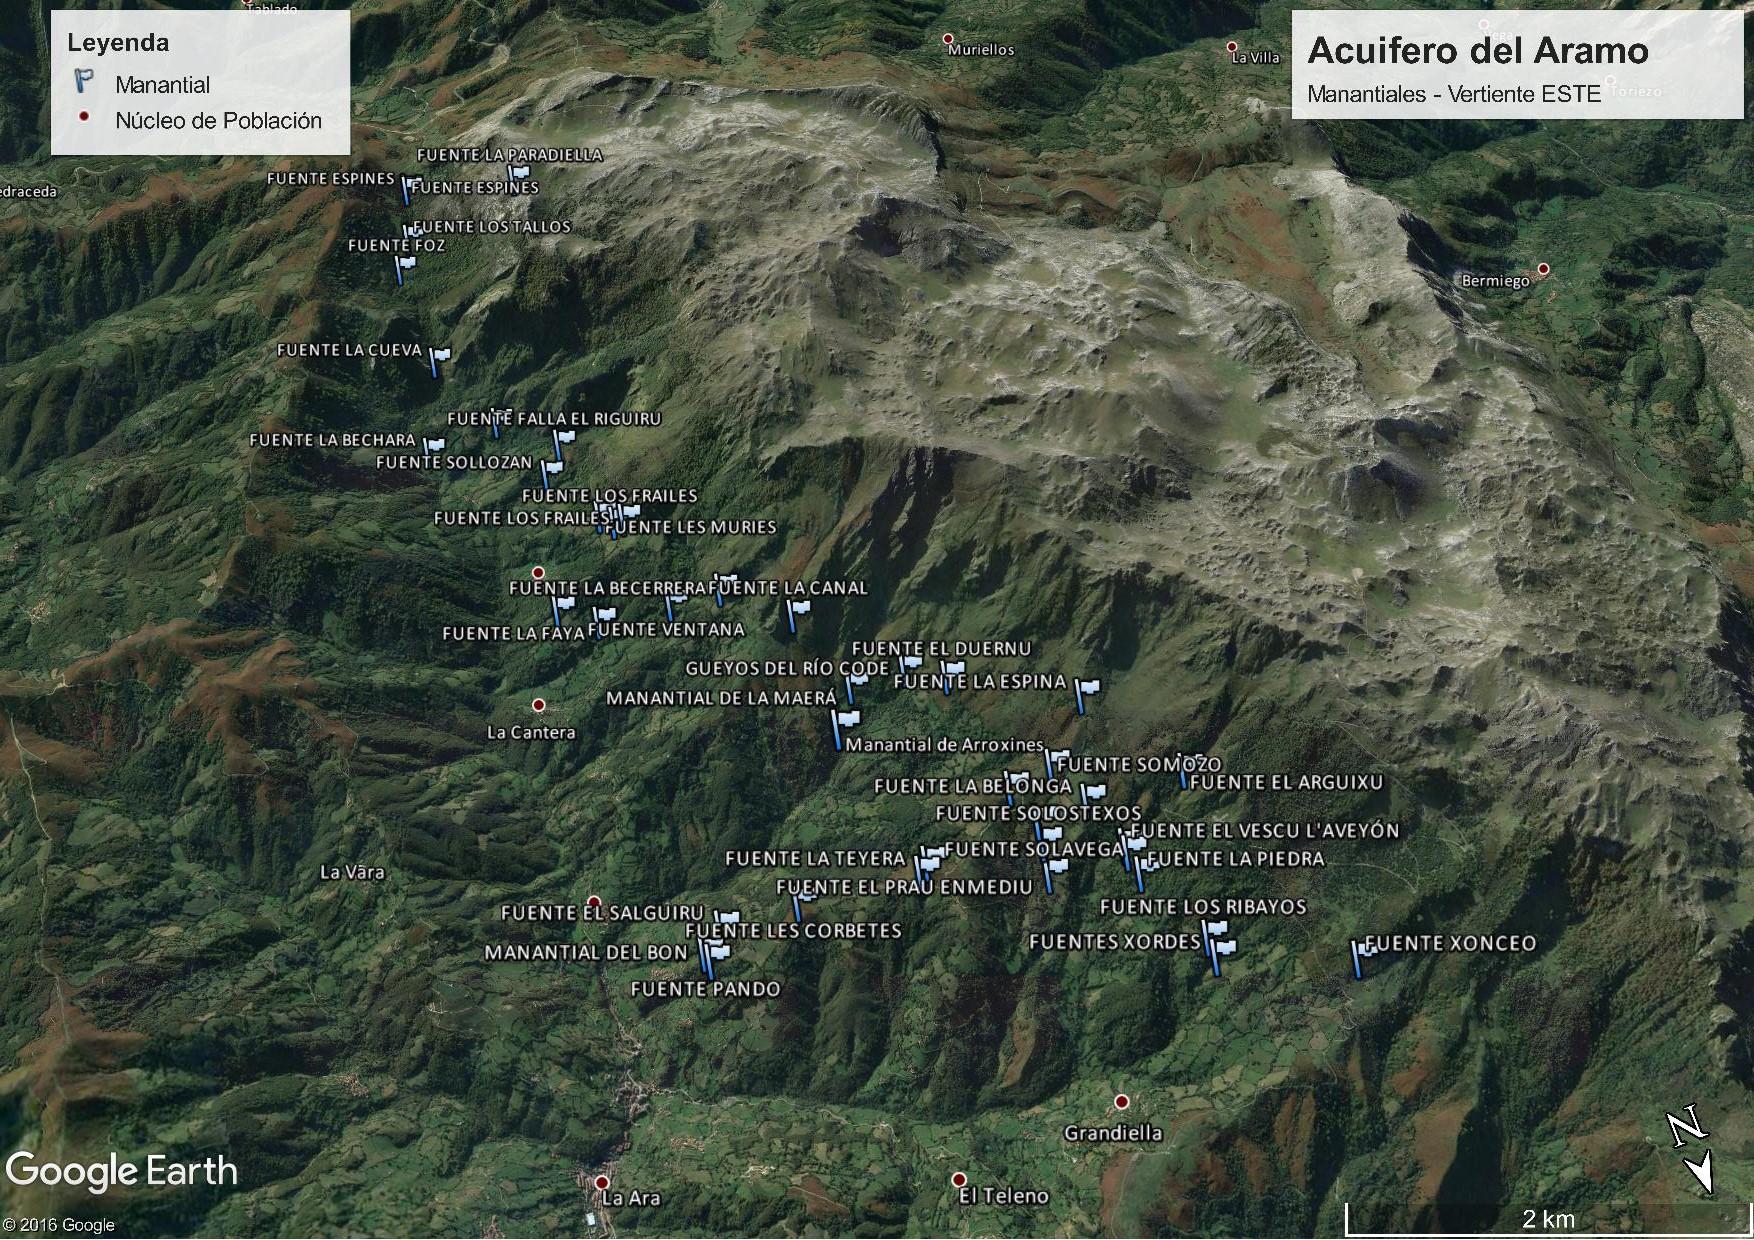 Manantiales de la vertiente oriental del acuifero de la Sierra del Aramo